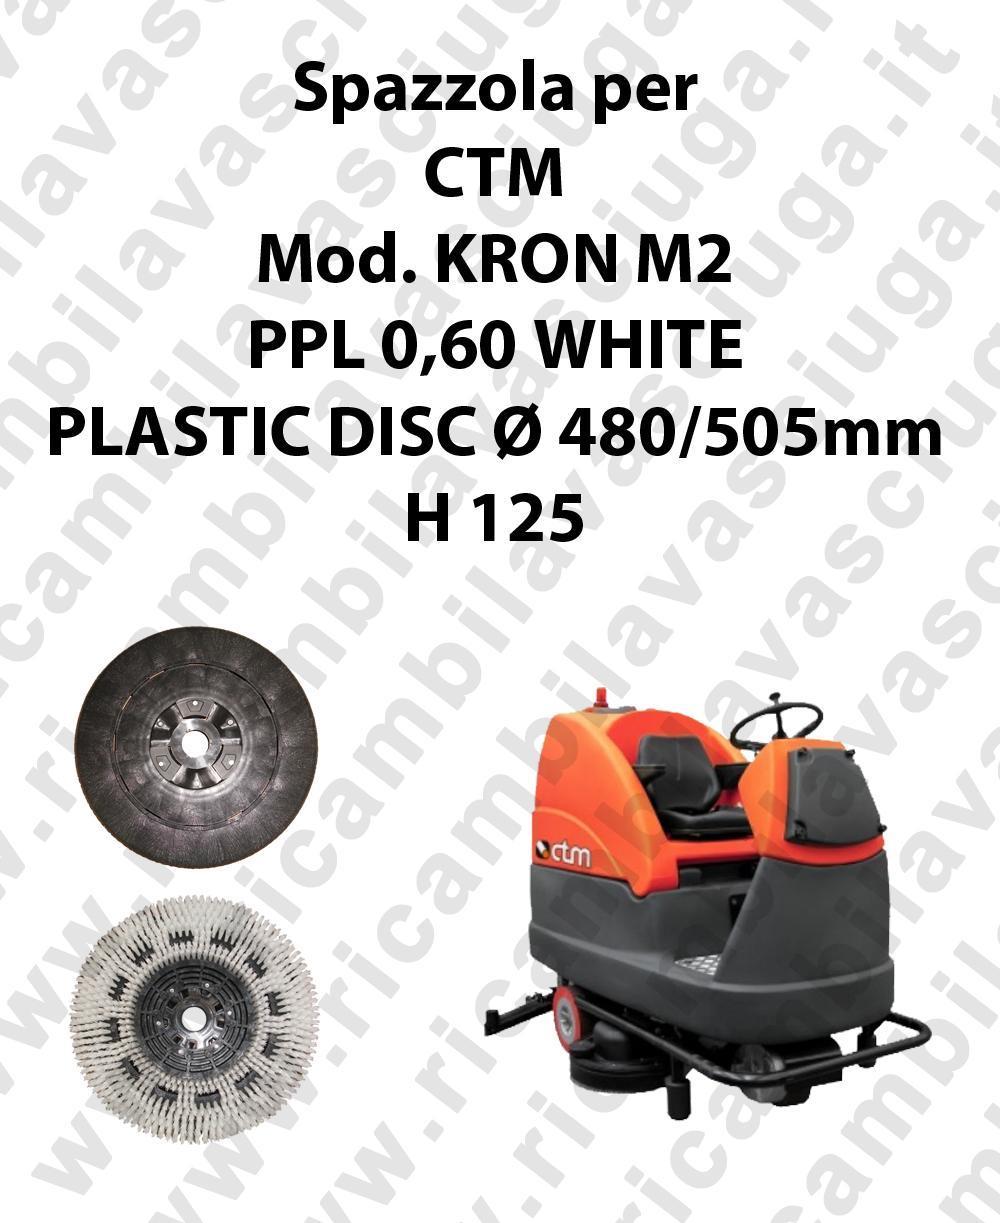 BROSSE A LAVER PPL 0,60 WHITE pour autolaveuses CTM Reference KRON M2